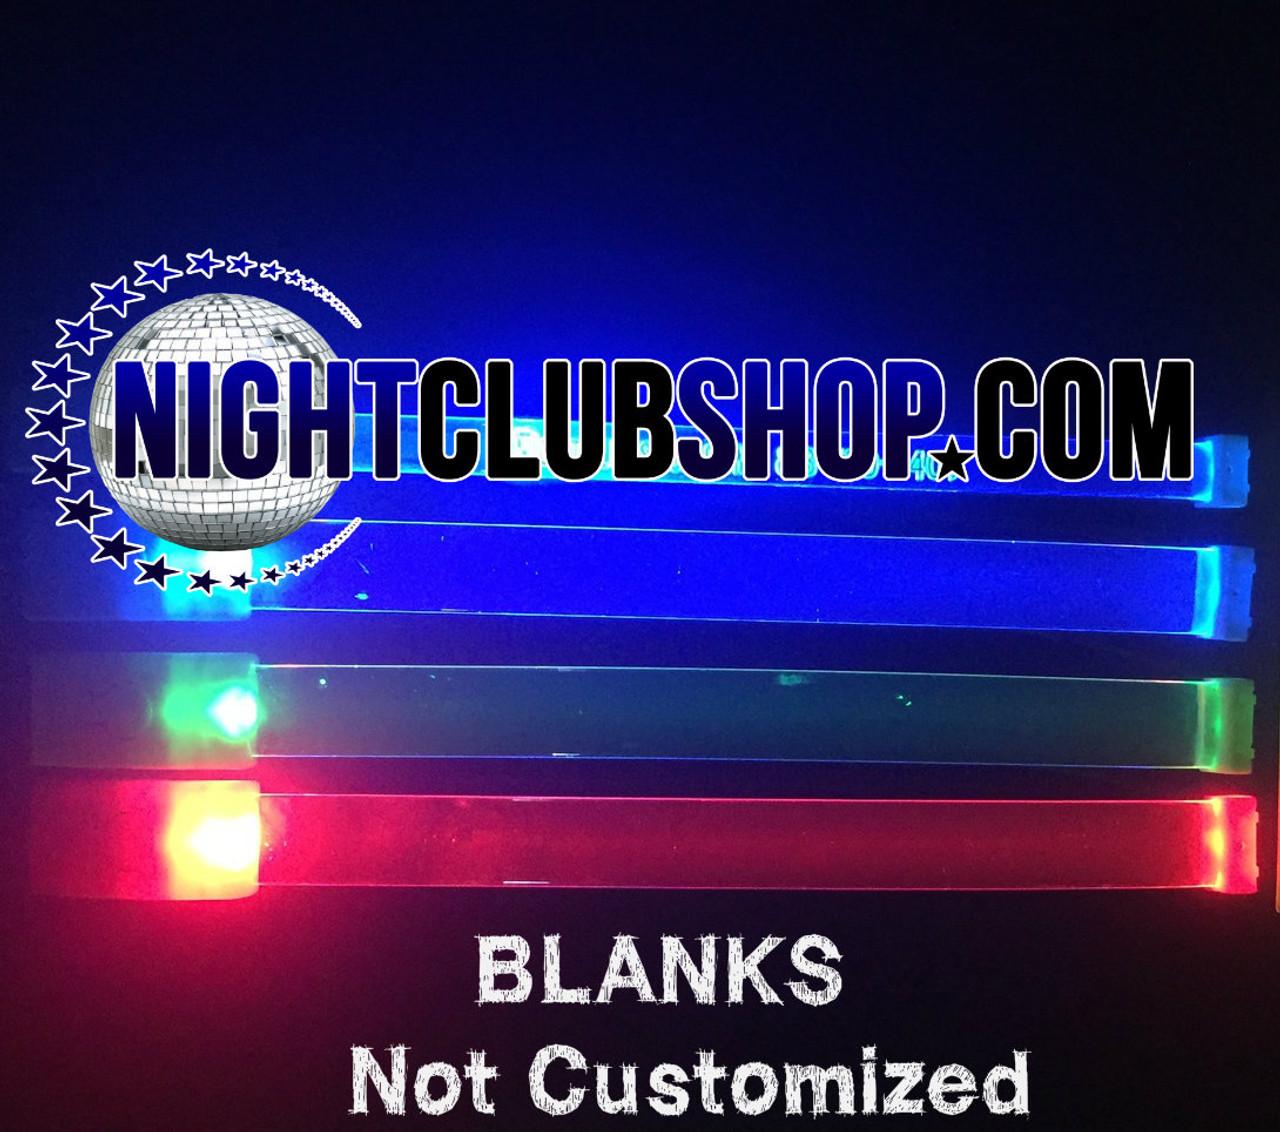 Blank,Plain,LED,Wristband,wristband,LED,bracelet,Blank,Plain,LED, wristband, wholesale, pricing, bulk, LED Bands, Band, personalized, custom, brandingLED, bride, groom, Light up, Light, Iluminated, Glow, Wristband, wrist Band, Bracelet, Band, Personalized, Custom, LED Wristband, VIP, Logo, Name, Art